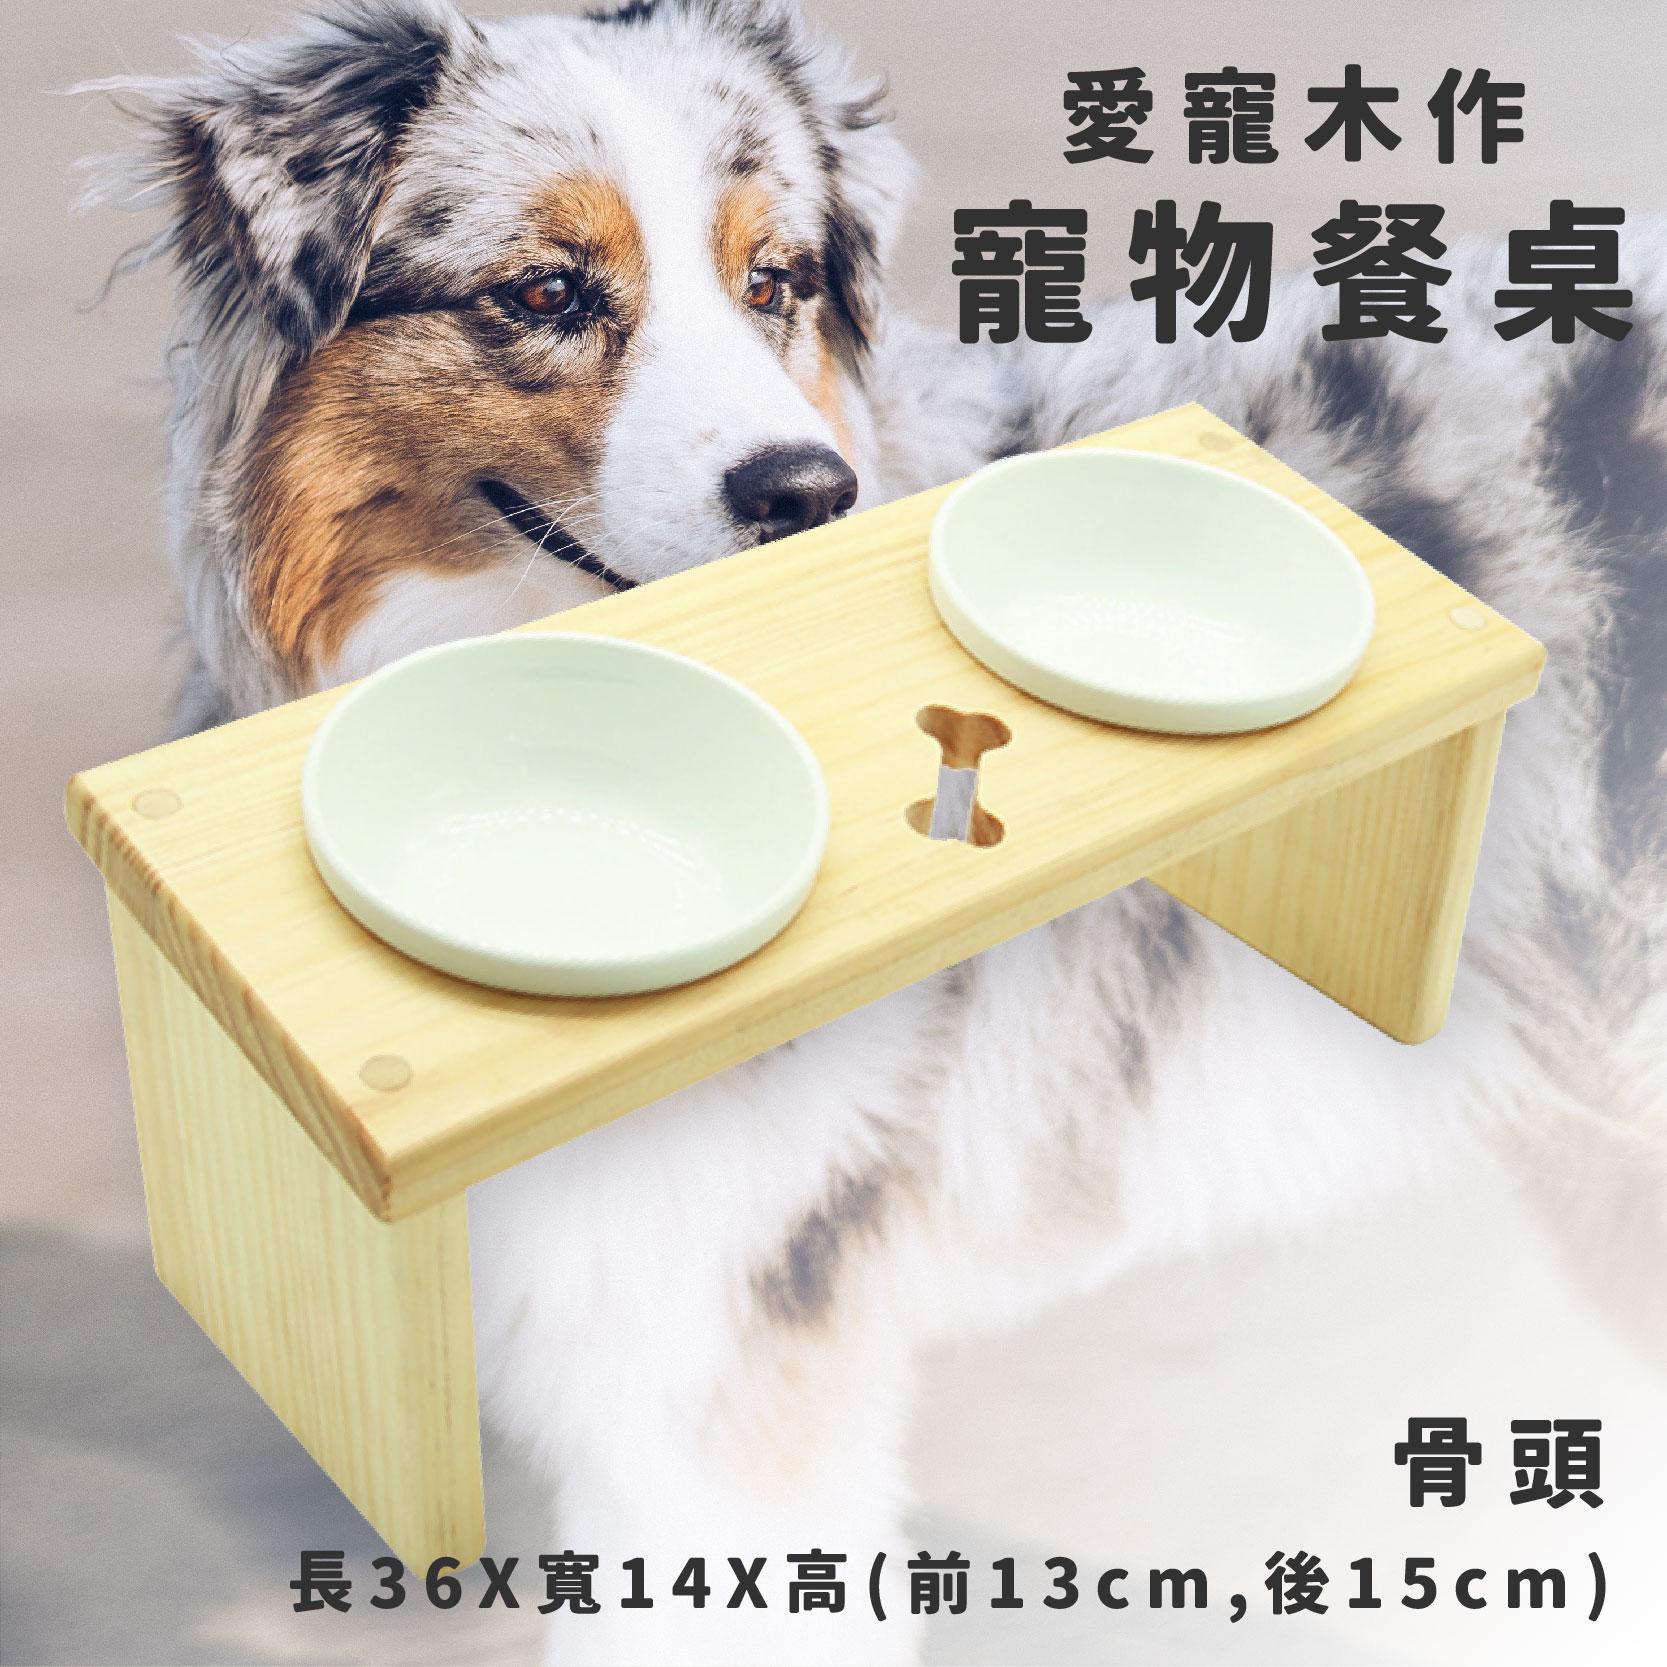 貓皇駕到 木作寵物餐桌 骨頭造型 附陶瓷碗 紐西蘭松木 符合貓體工學 寵物餐桌 狗用品 貓用品 寵物用品